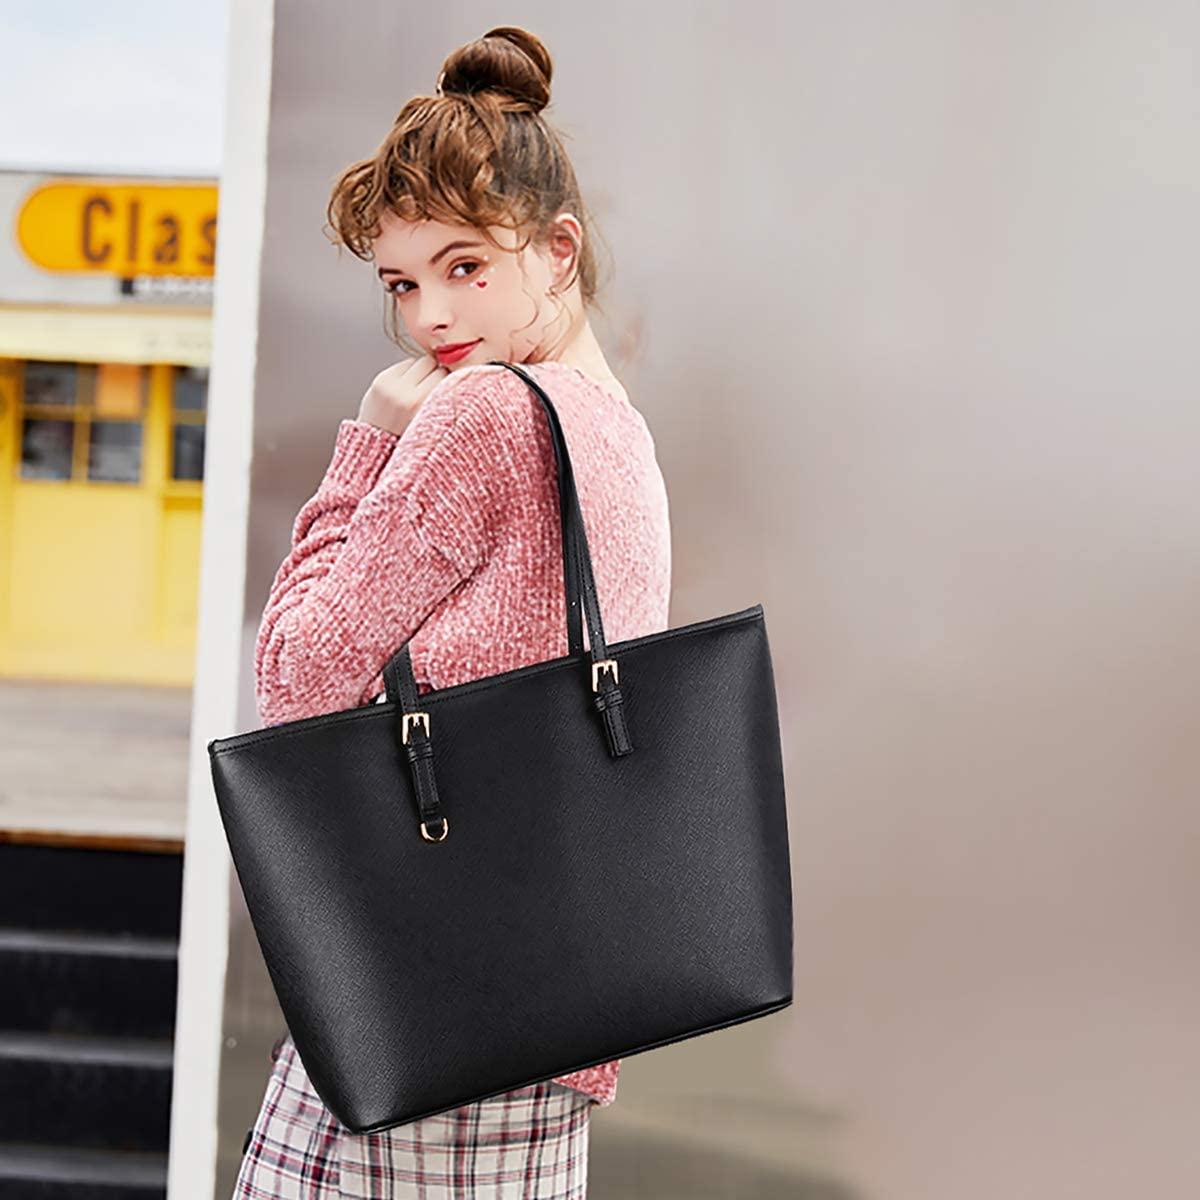 Black Tote Bag, COOFIT Handbags Black Handbags for Ladies Black Handbags Fashion Designed Women Handbag Ladies Black Leather Bag Shoulder Bag Thanksgiving Gift